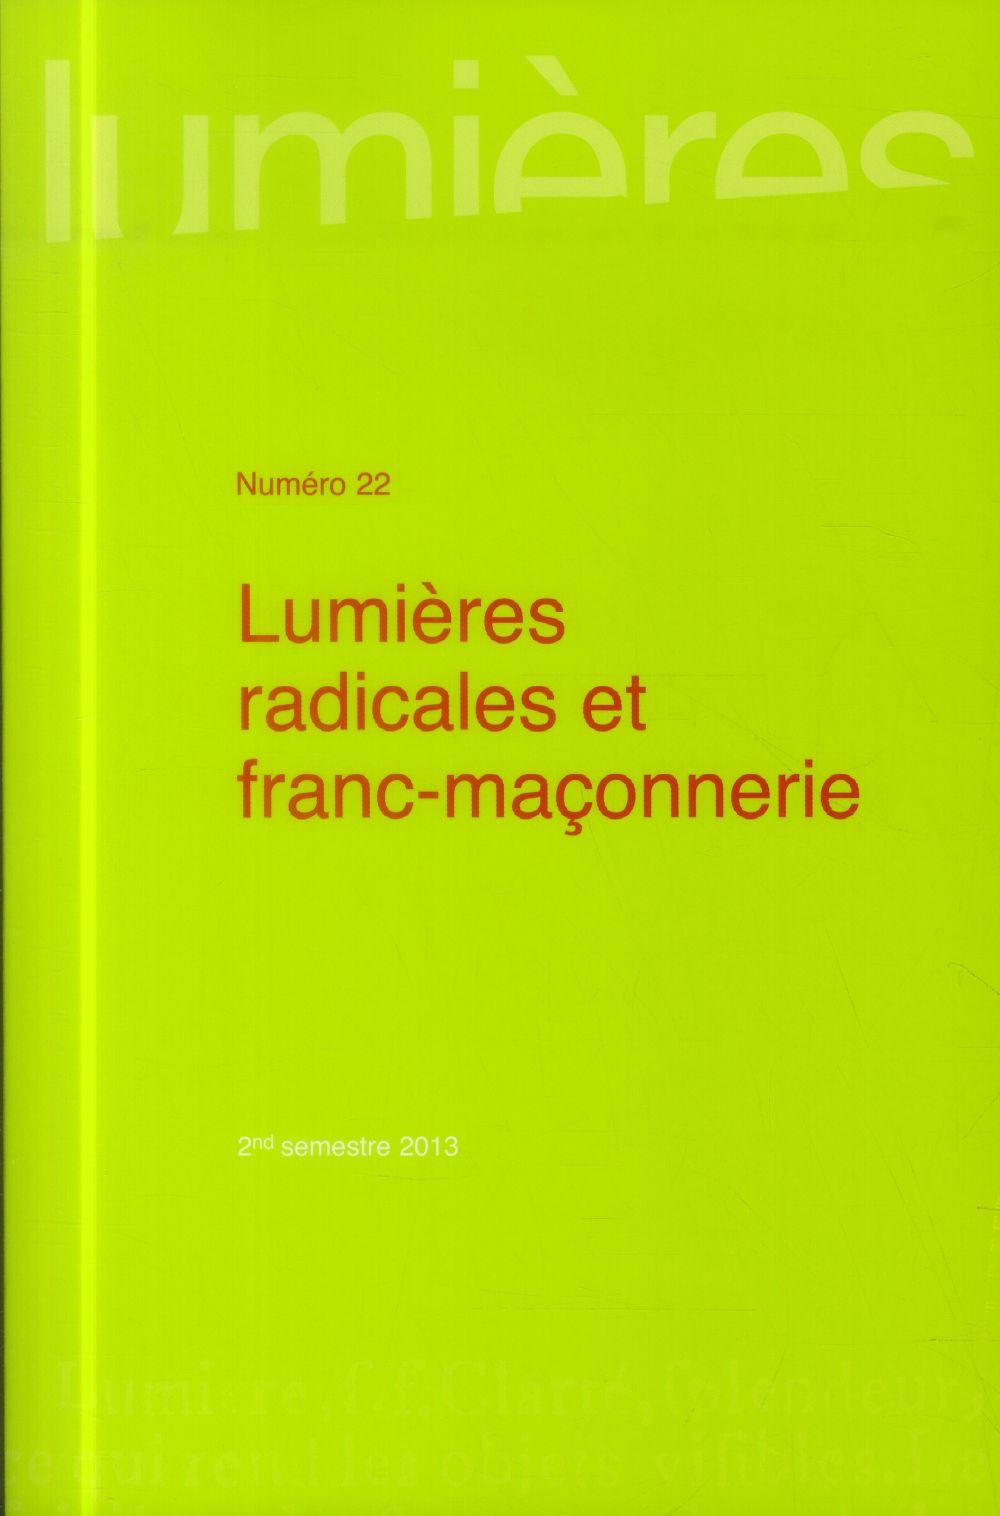 LUMIERES RADICALES ET FRANC MACONNERIE